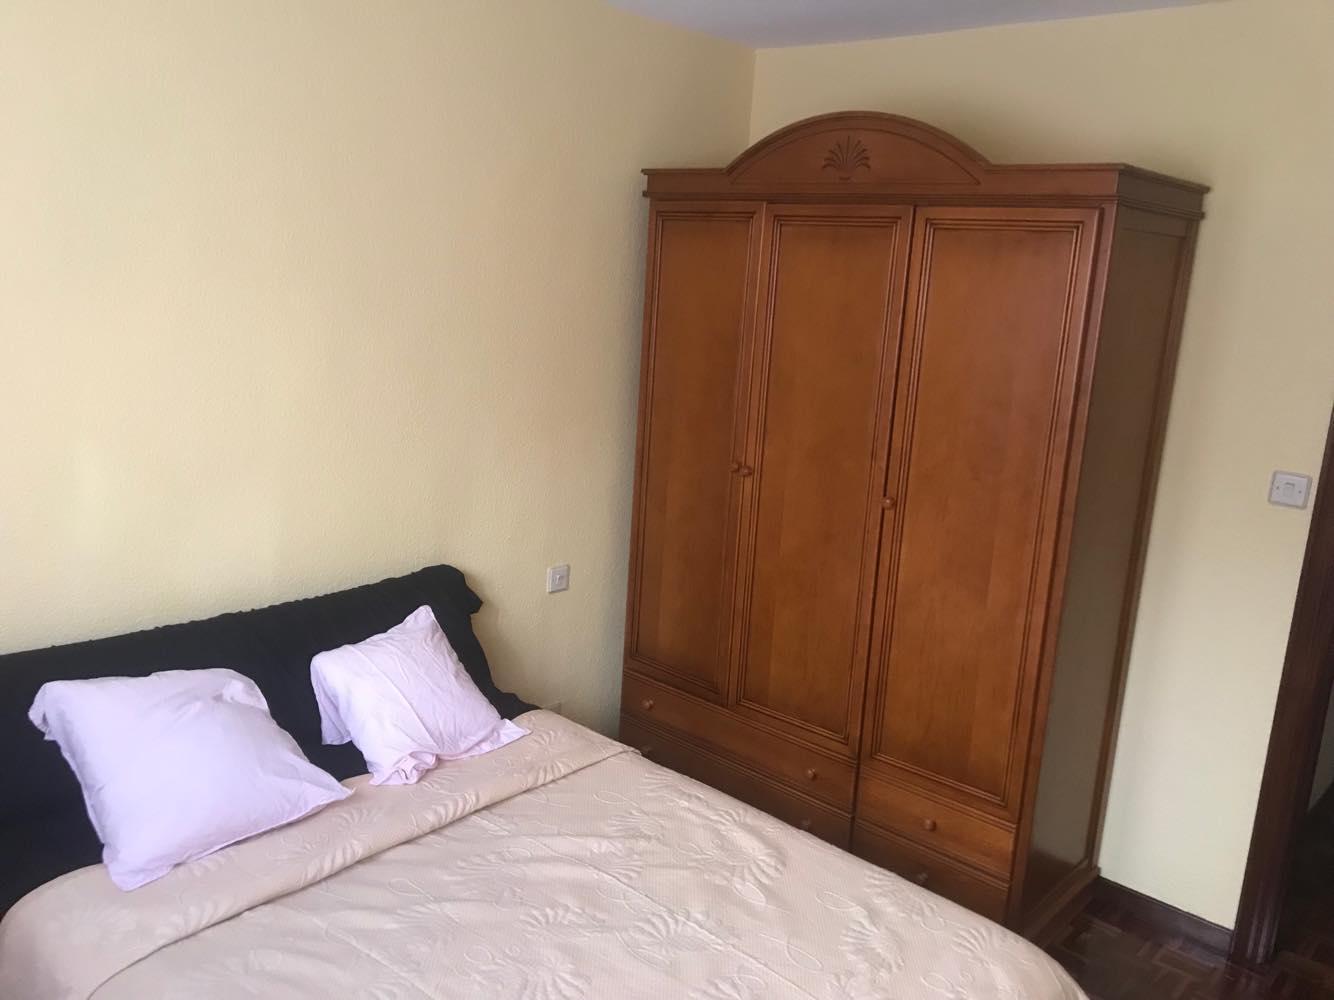 Mi dormitorio… aún es virgen. Aún no he follado aquí con nadie.